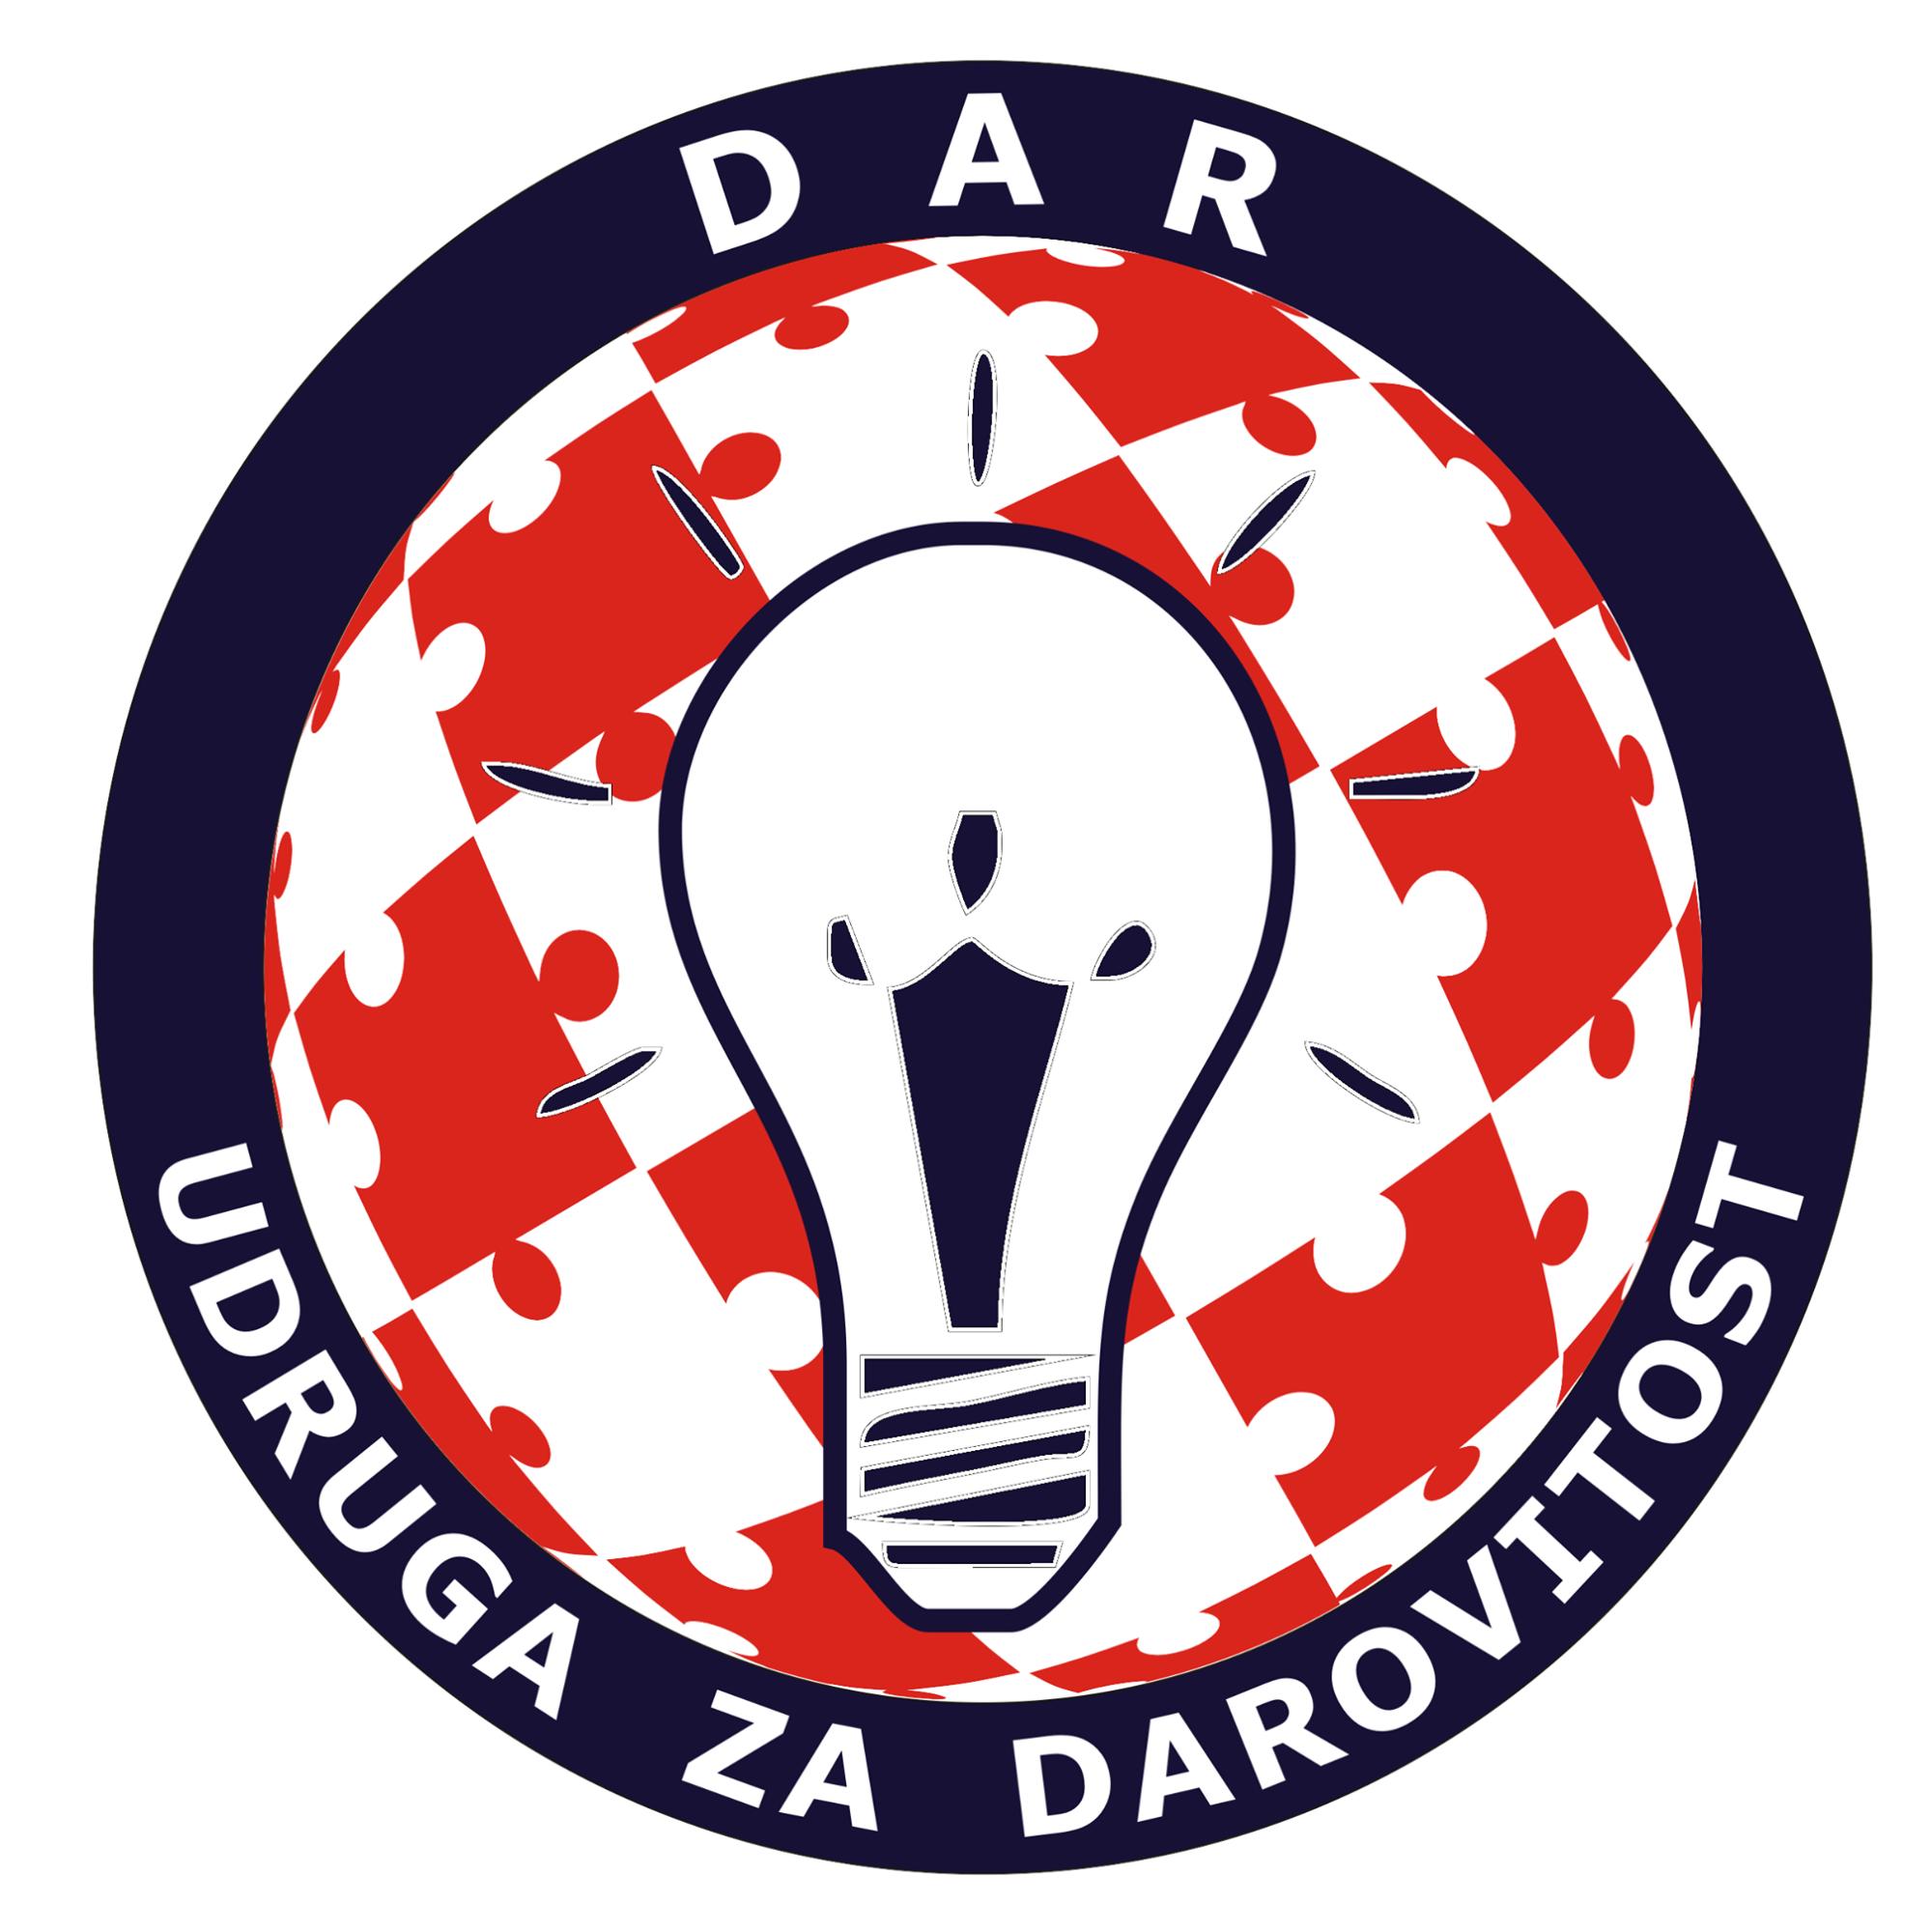 Udruga Dar - Zagreb